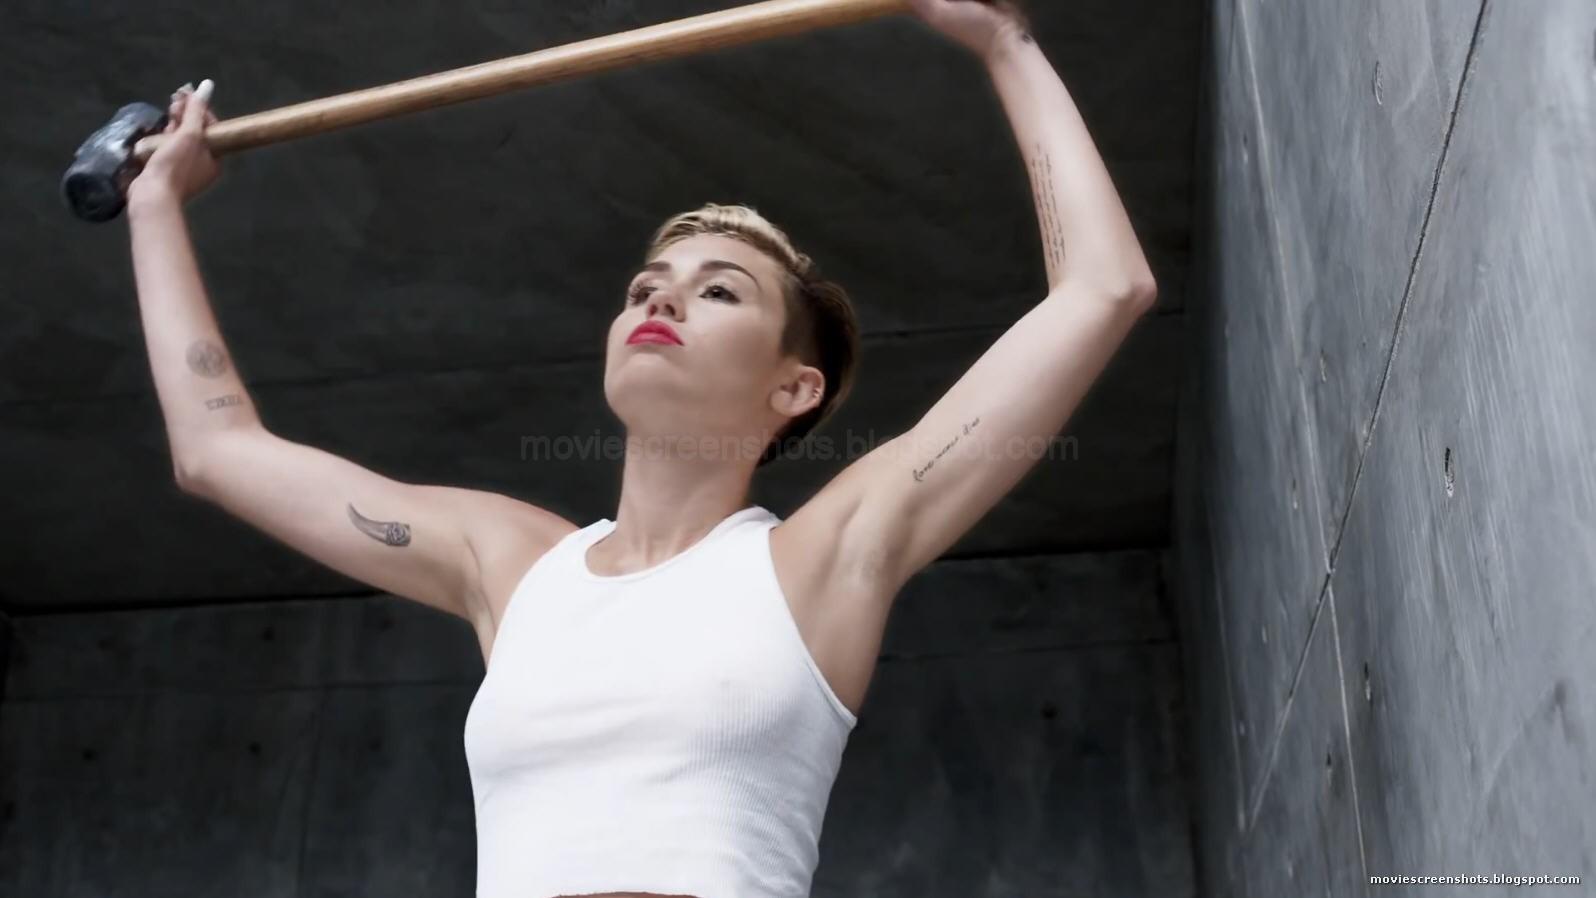 keemstar naked girl